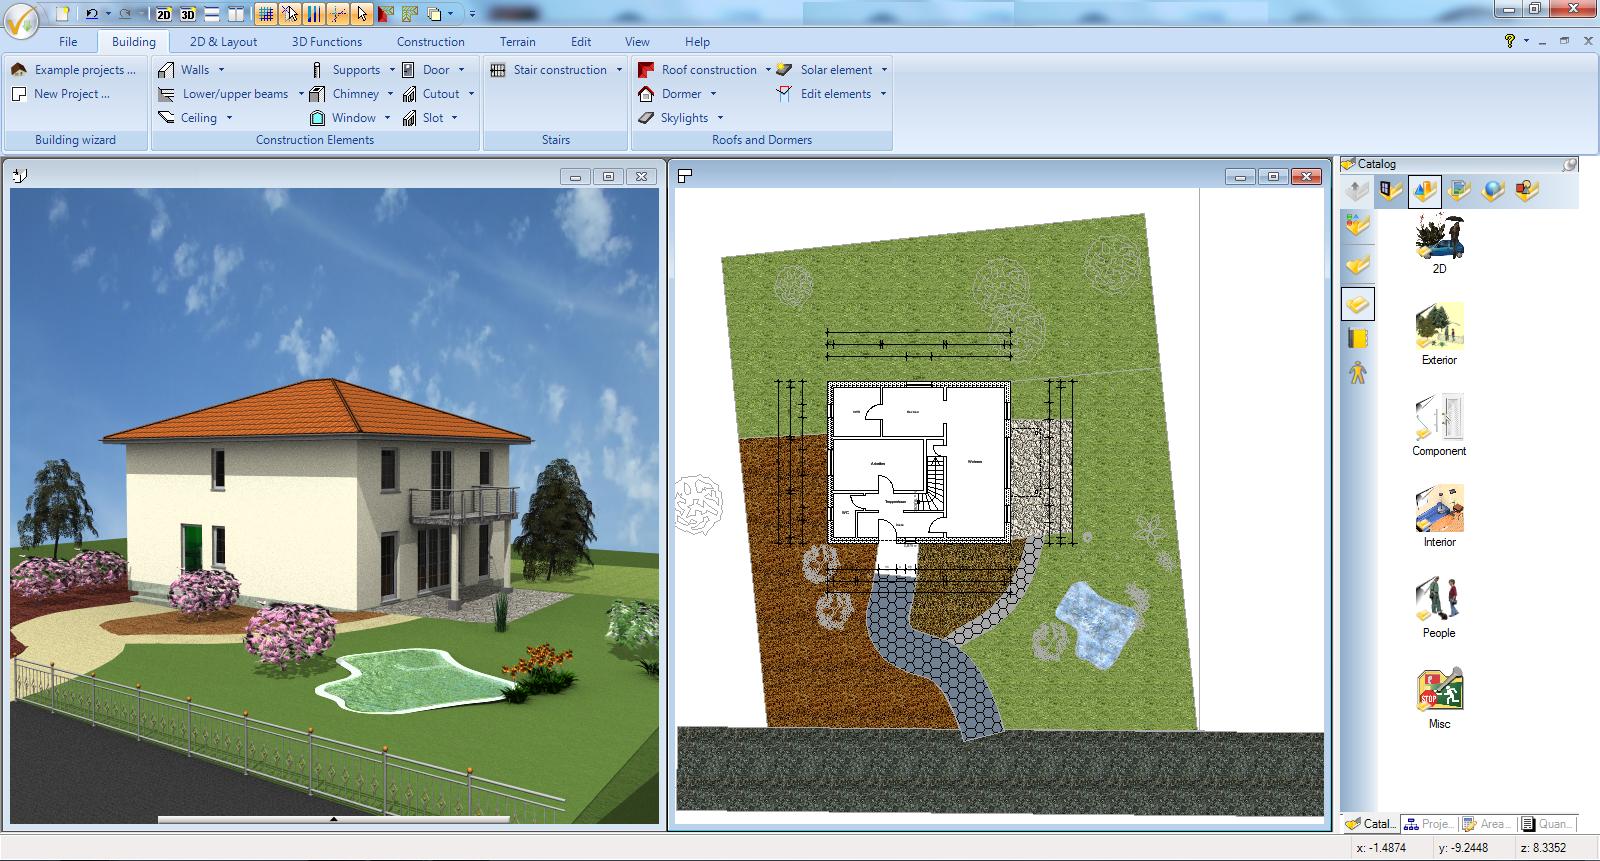 Programma per progettare casa gratis for Programma ikea per arredare download